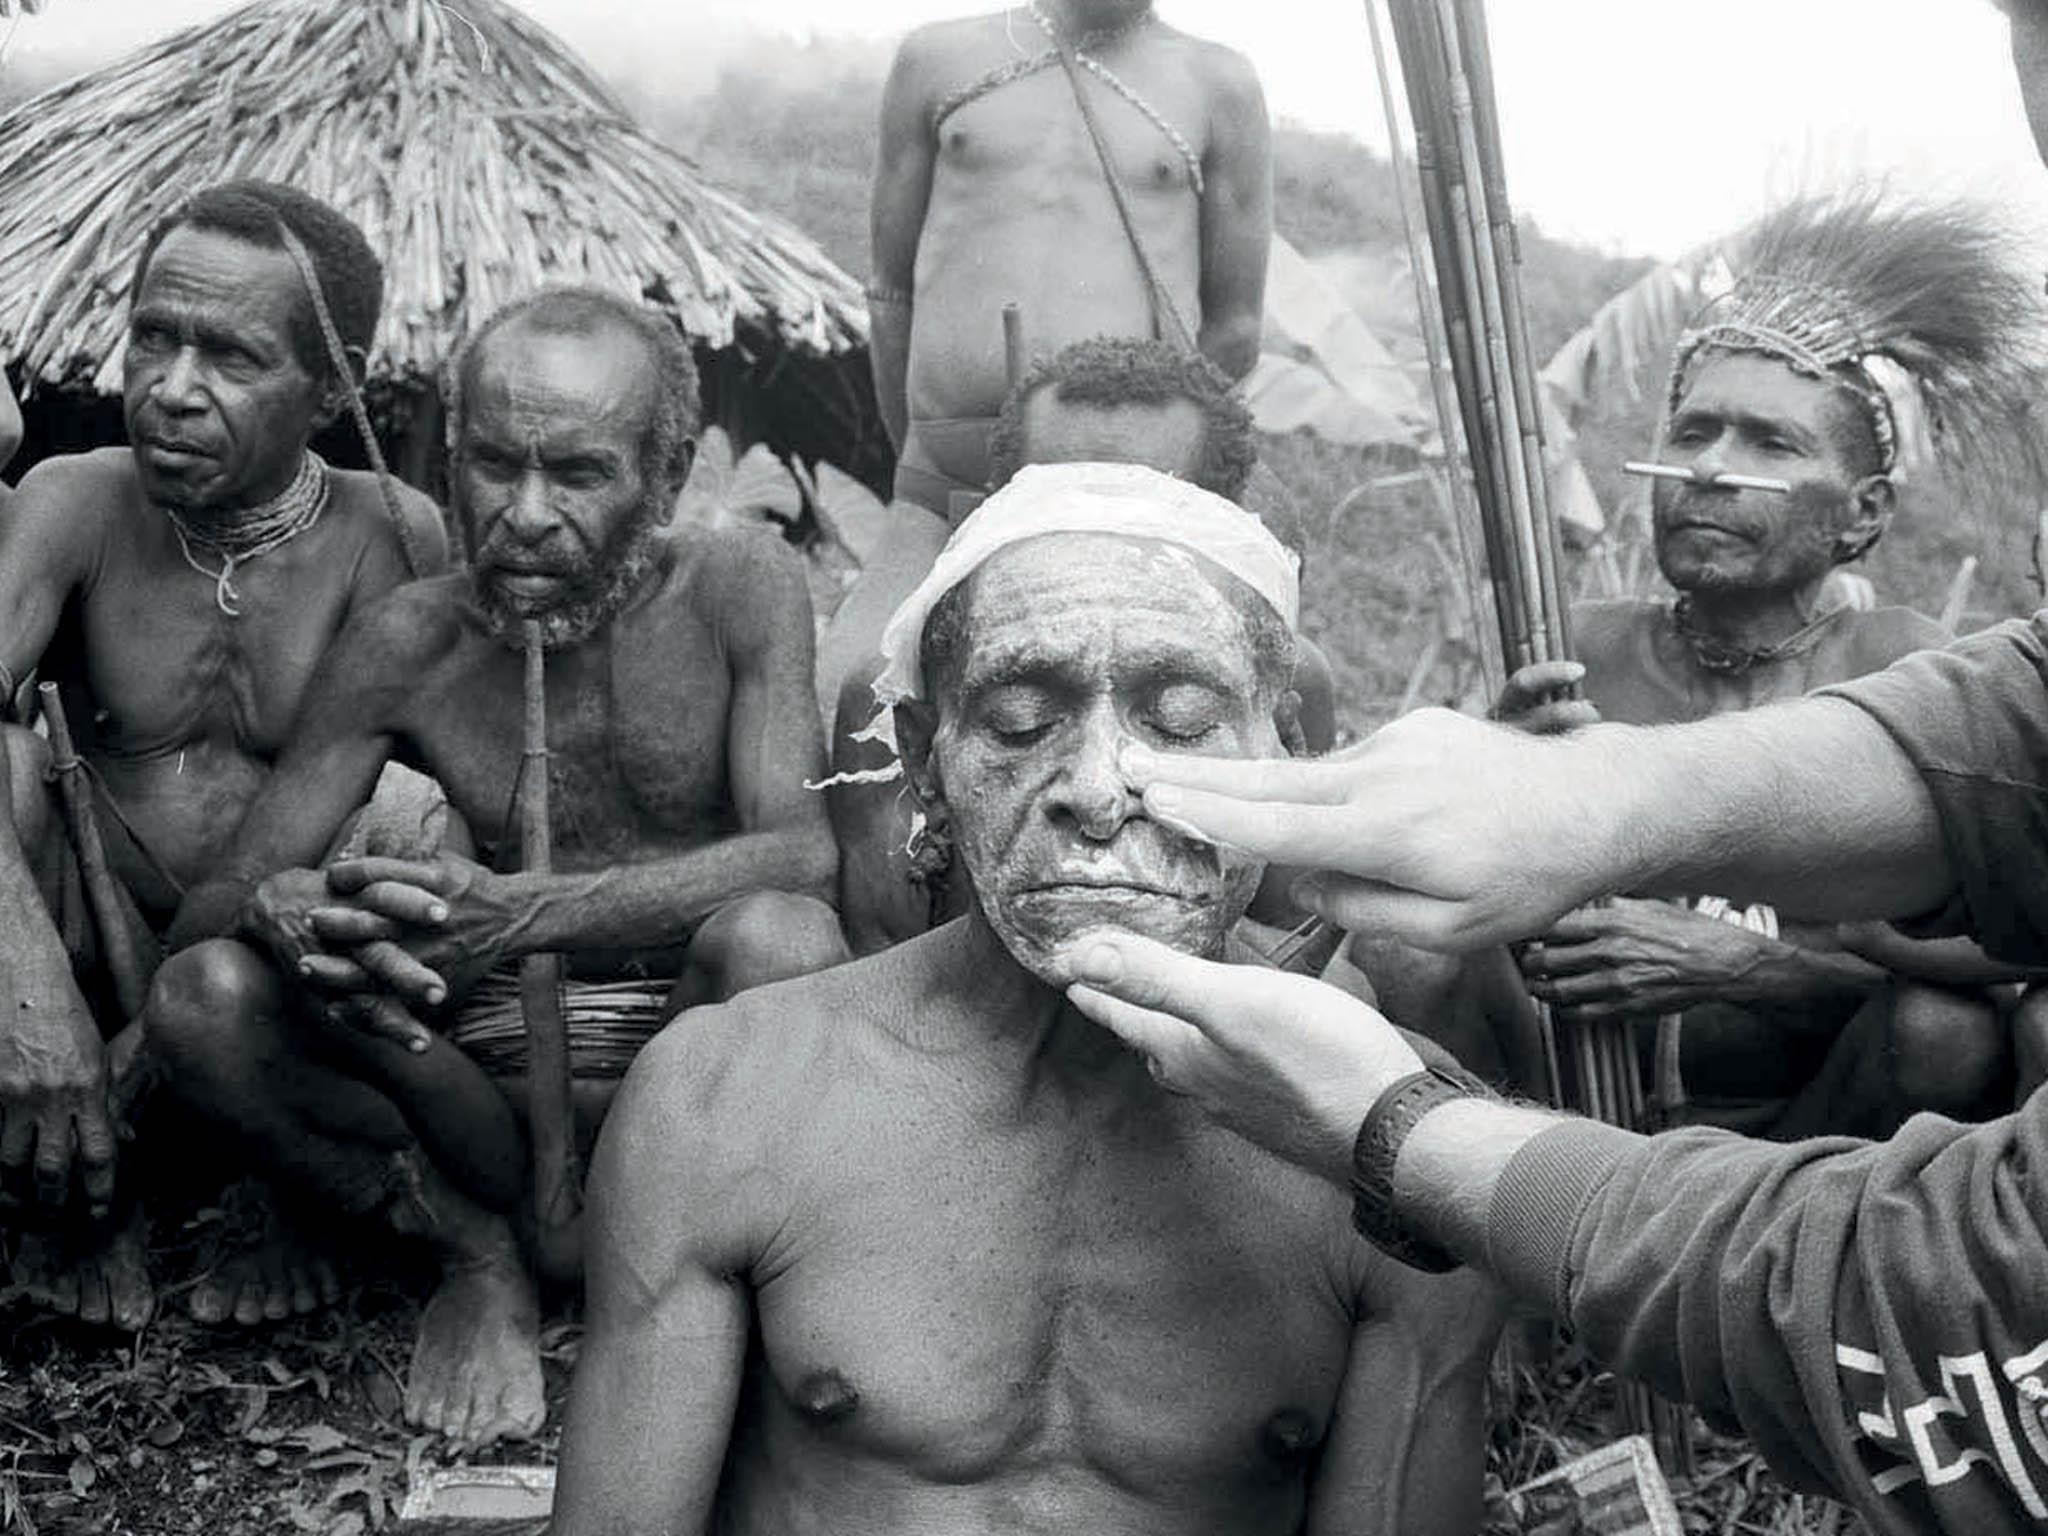 Odroku 1997 uskutečnili Barbora Šlapetová aLukáš Rittstein celkem jedenáct výprav doZápadní Papuy aPapuy Nové Guineje. Cílem těchto cest byla umělecká perspektiva vyjadřující zázrak setkání dvou světů oddělených odsebe příko...